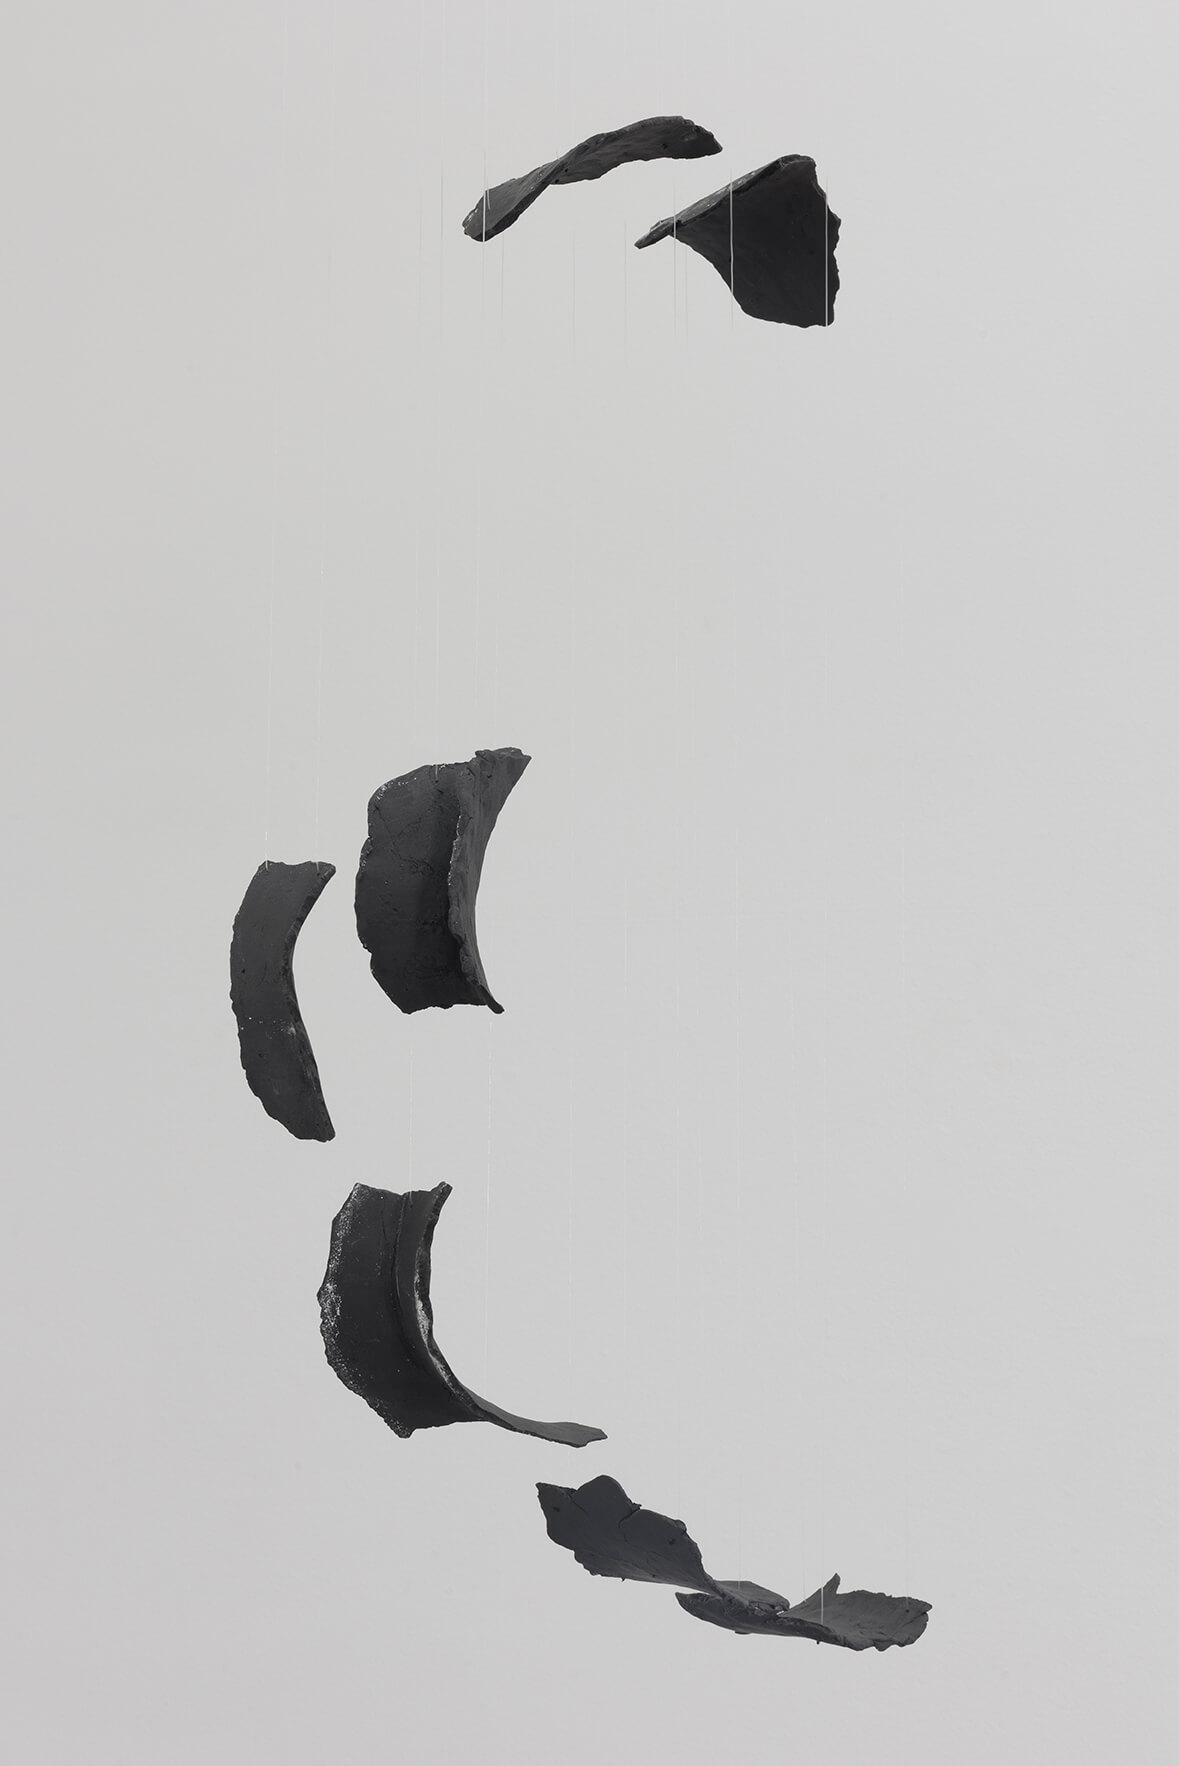 PATRICIA DAUDER. Broken Wave Detachment, 2010 | Accrochage #2: Escritura Nocturna | ProjecteSD